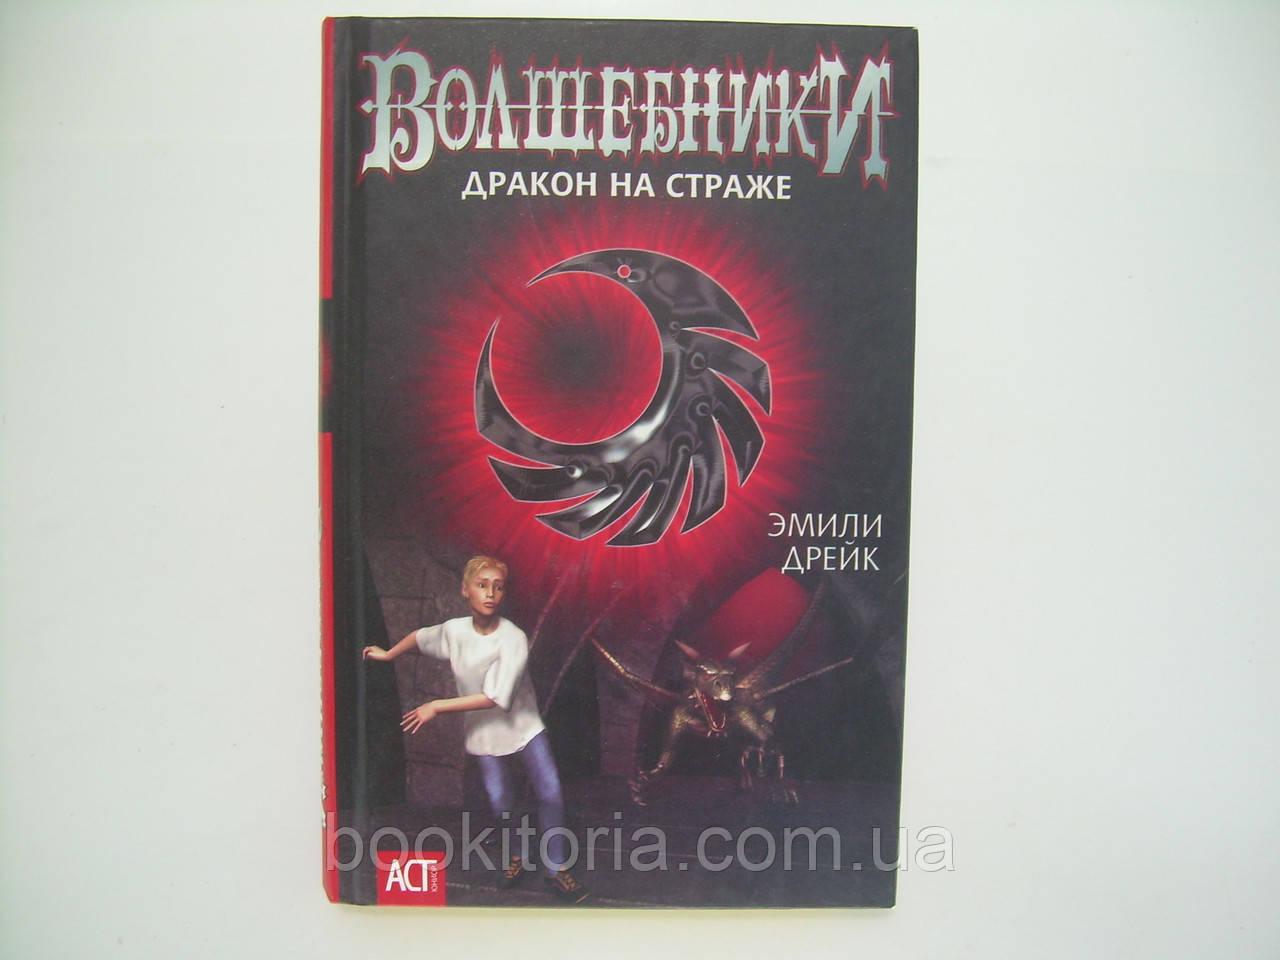 Дрейк Э. Волшебники: Дракон на страже (б/у).